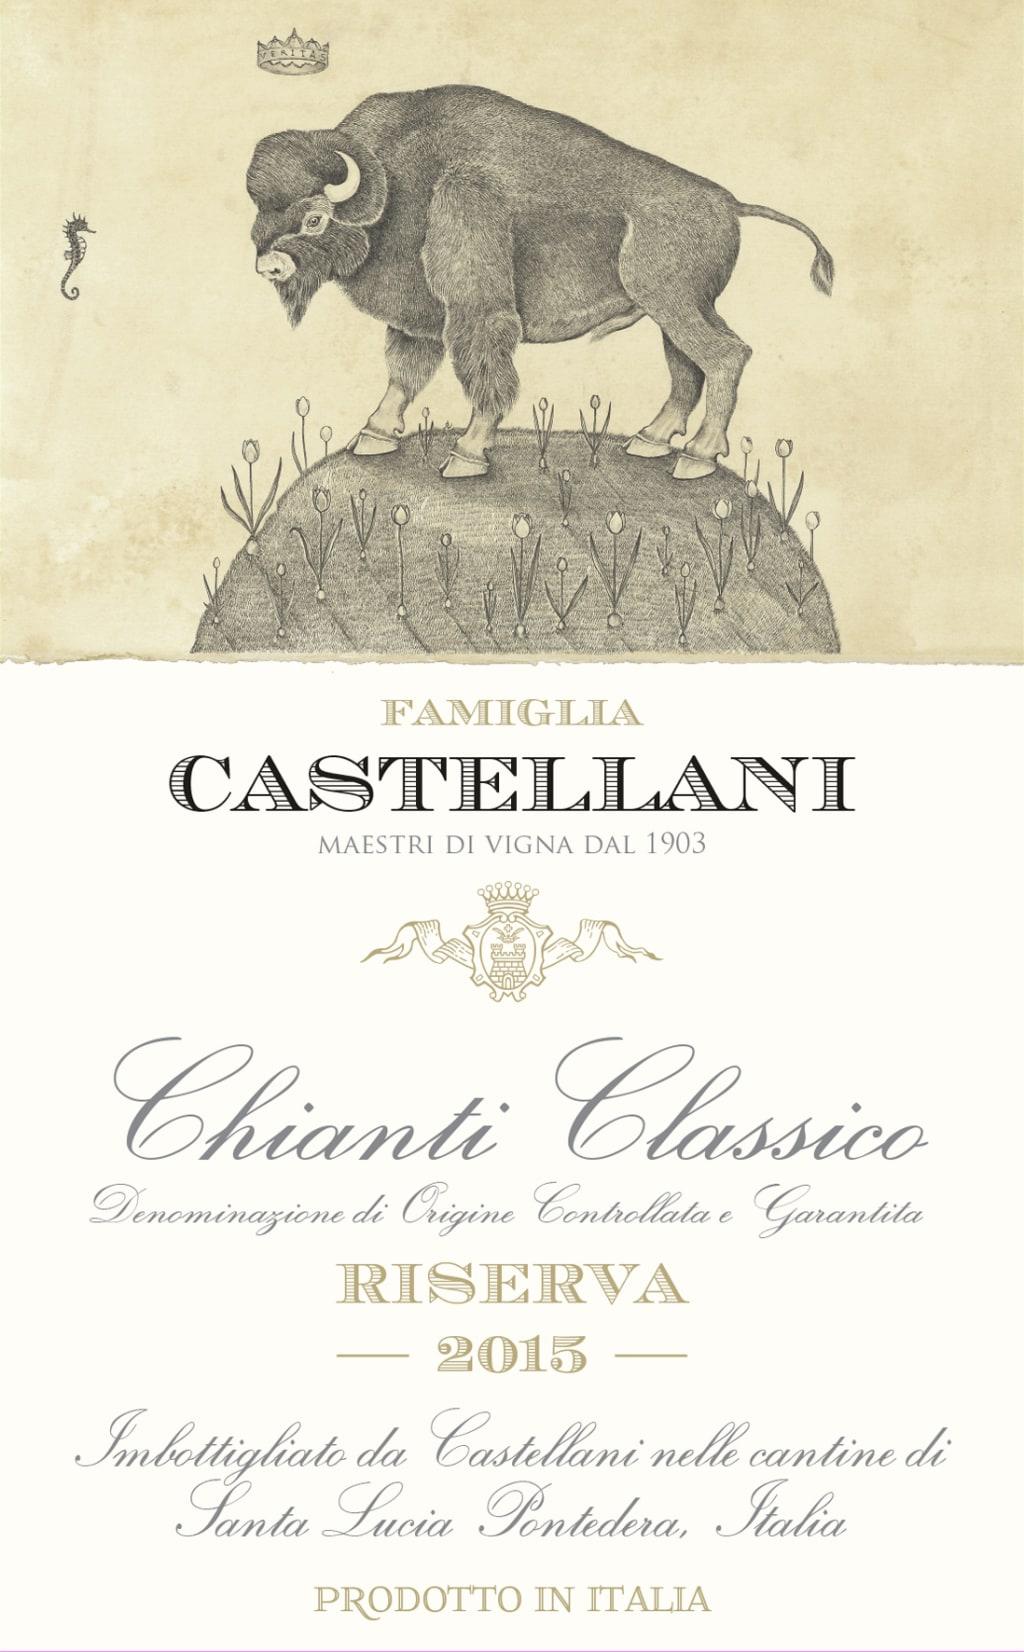 Castellani - Chianti Classico Riserva 2015